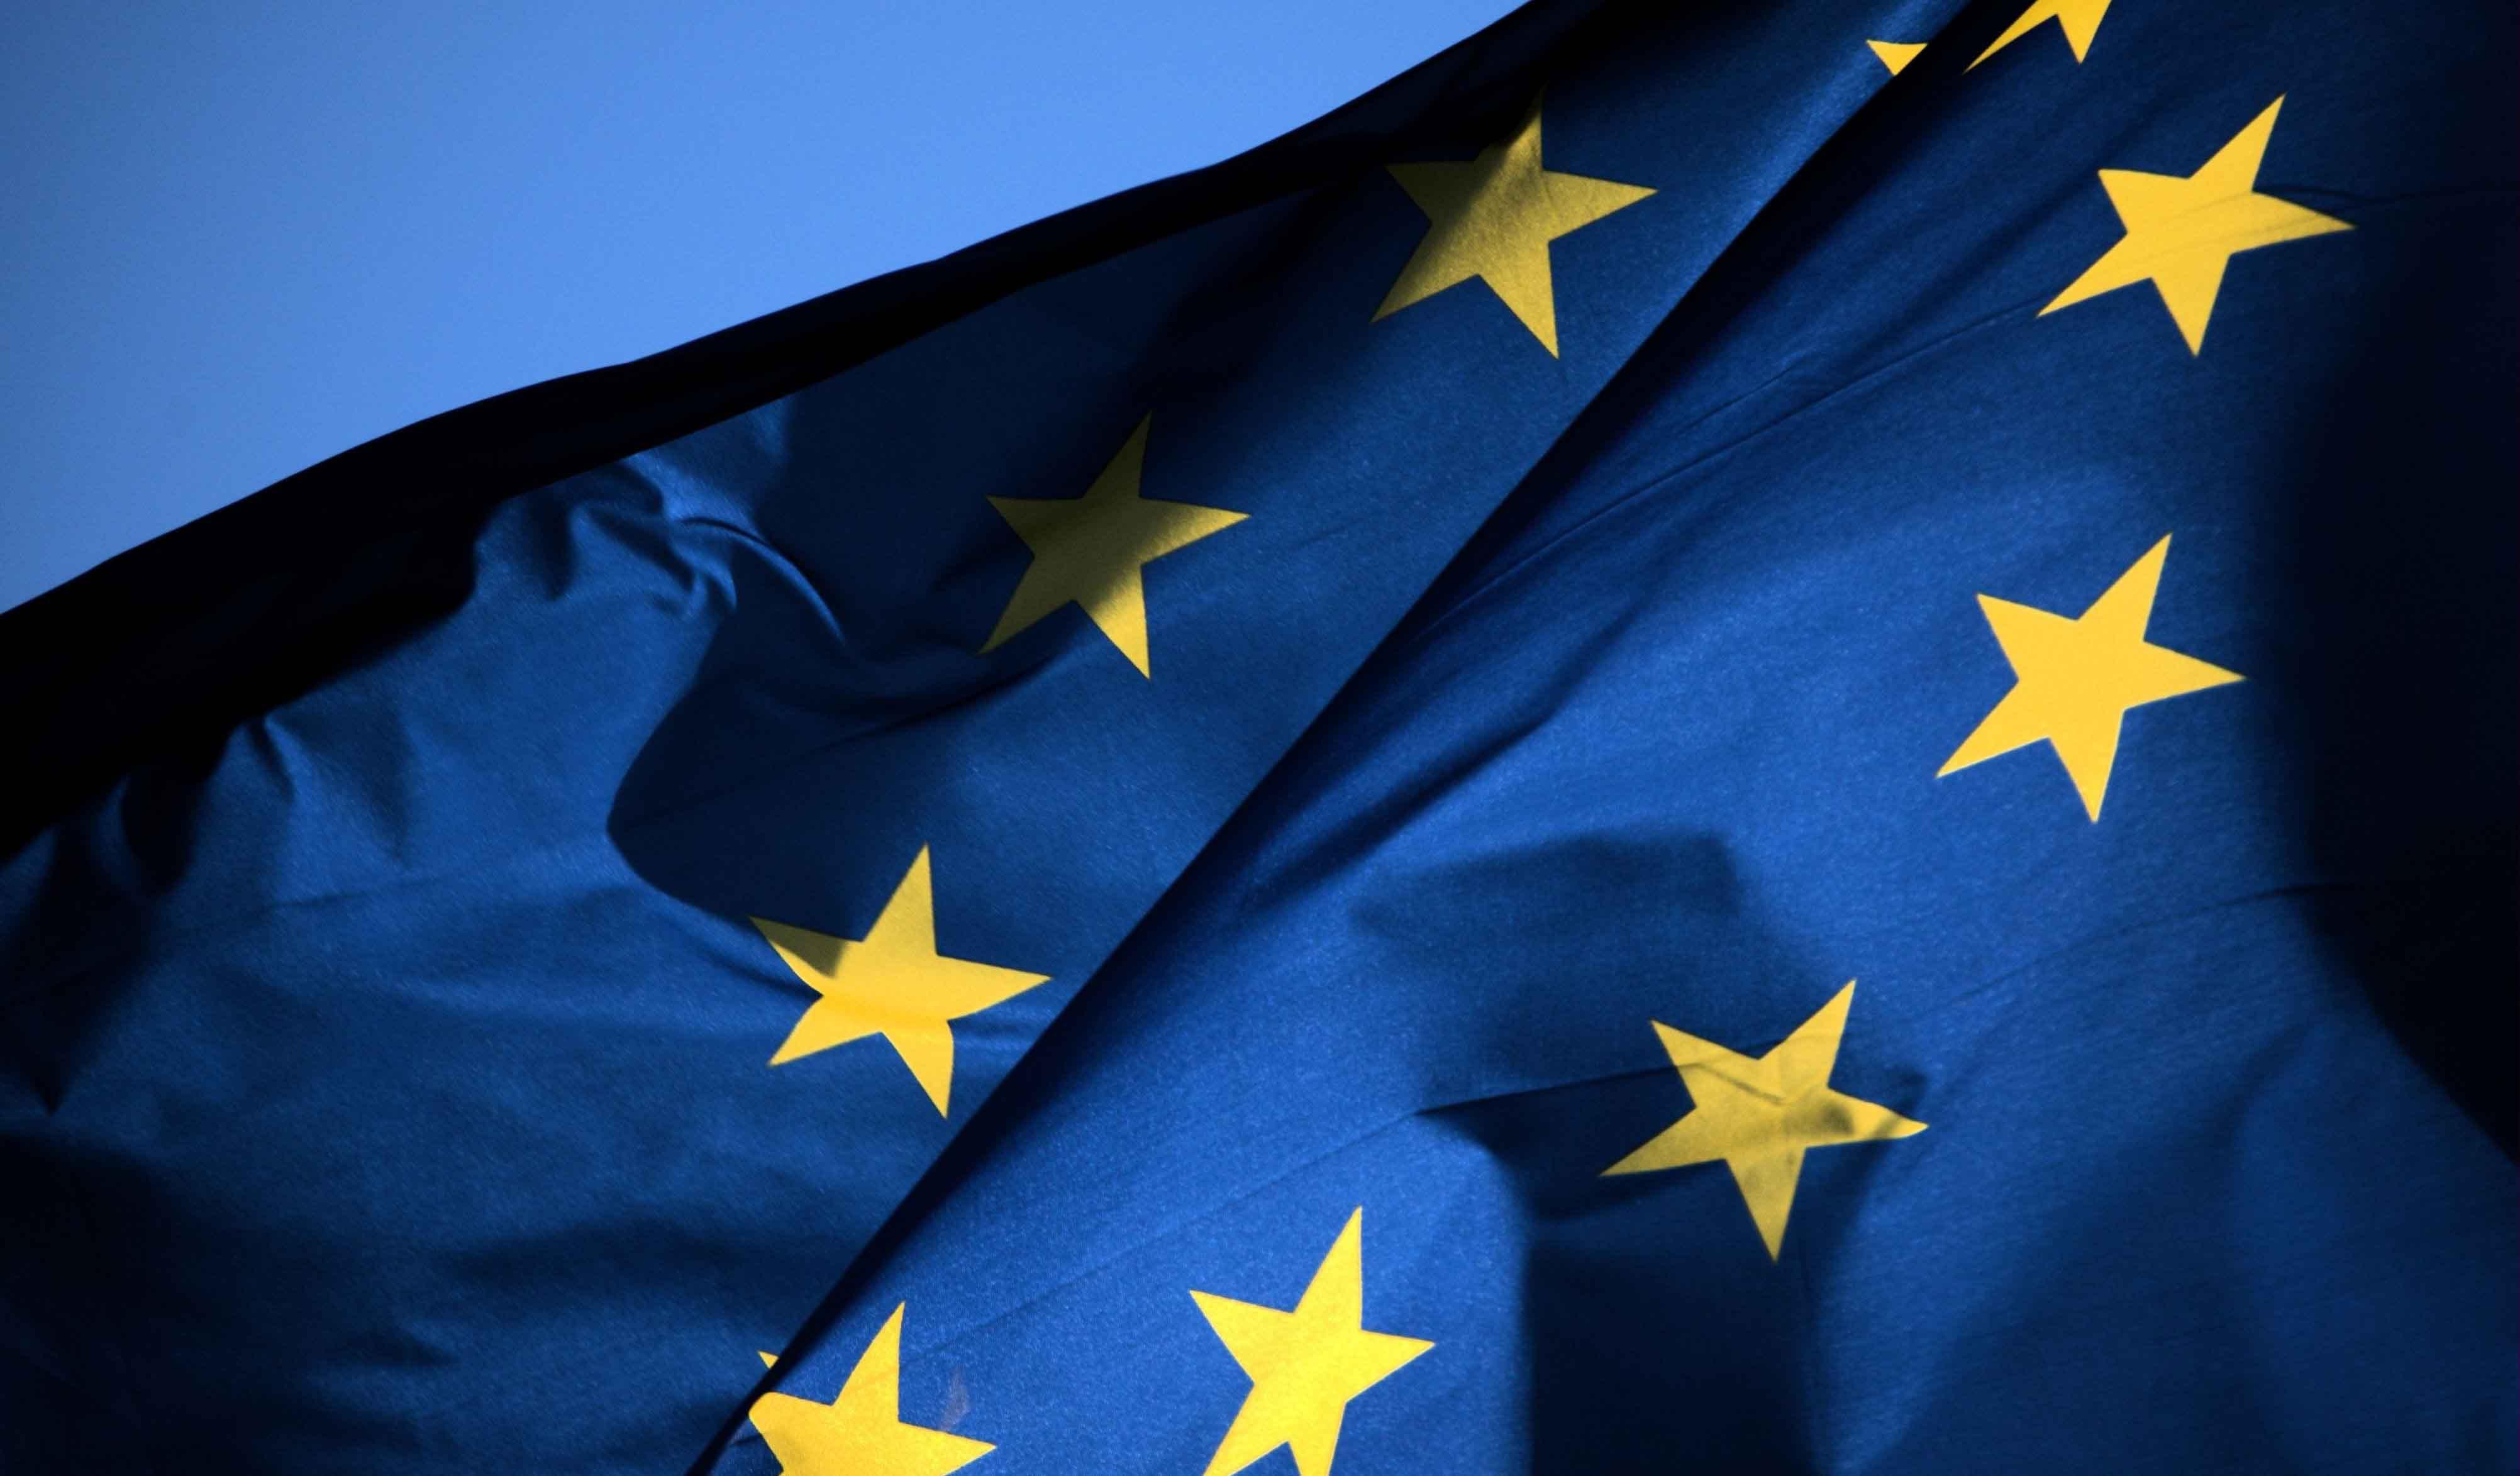 DOBLE LLAVE - En la cumbre también se trataron temas que ya fueron negociados por los ministros de Finanzas como parte de la unión bancaria